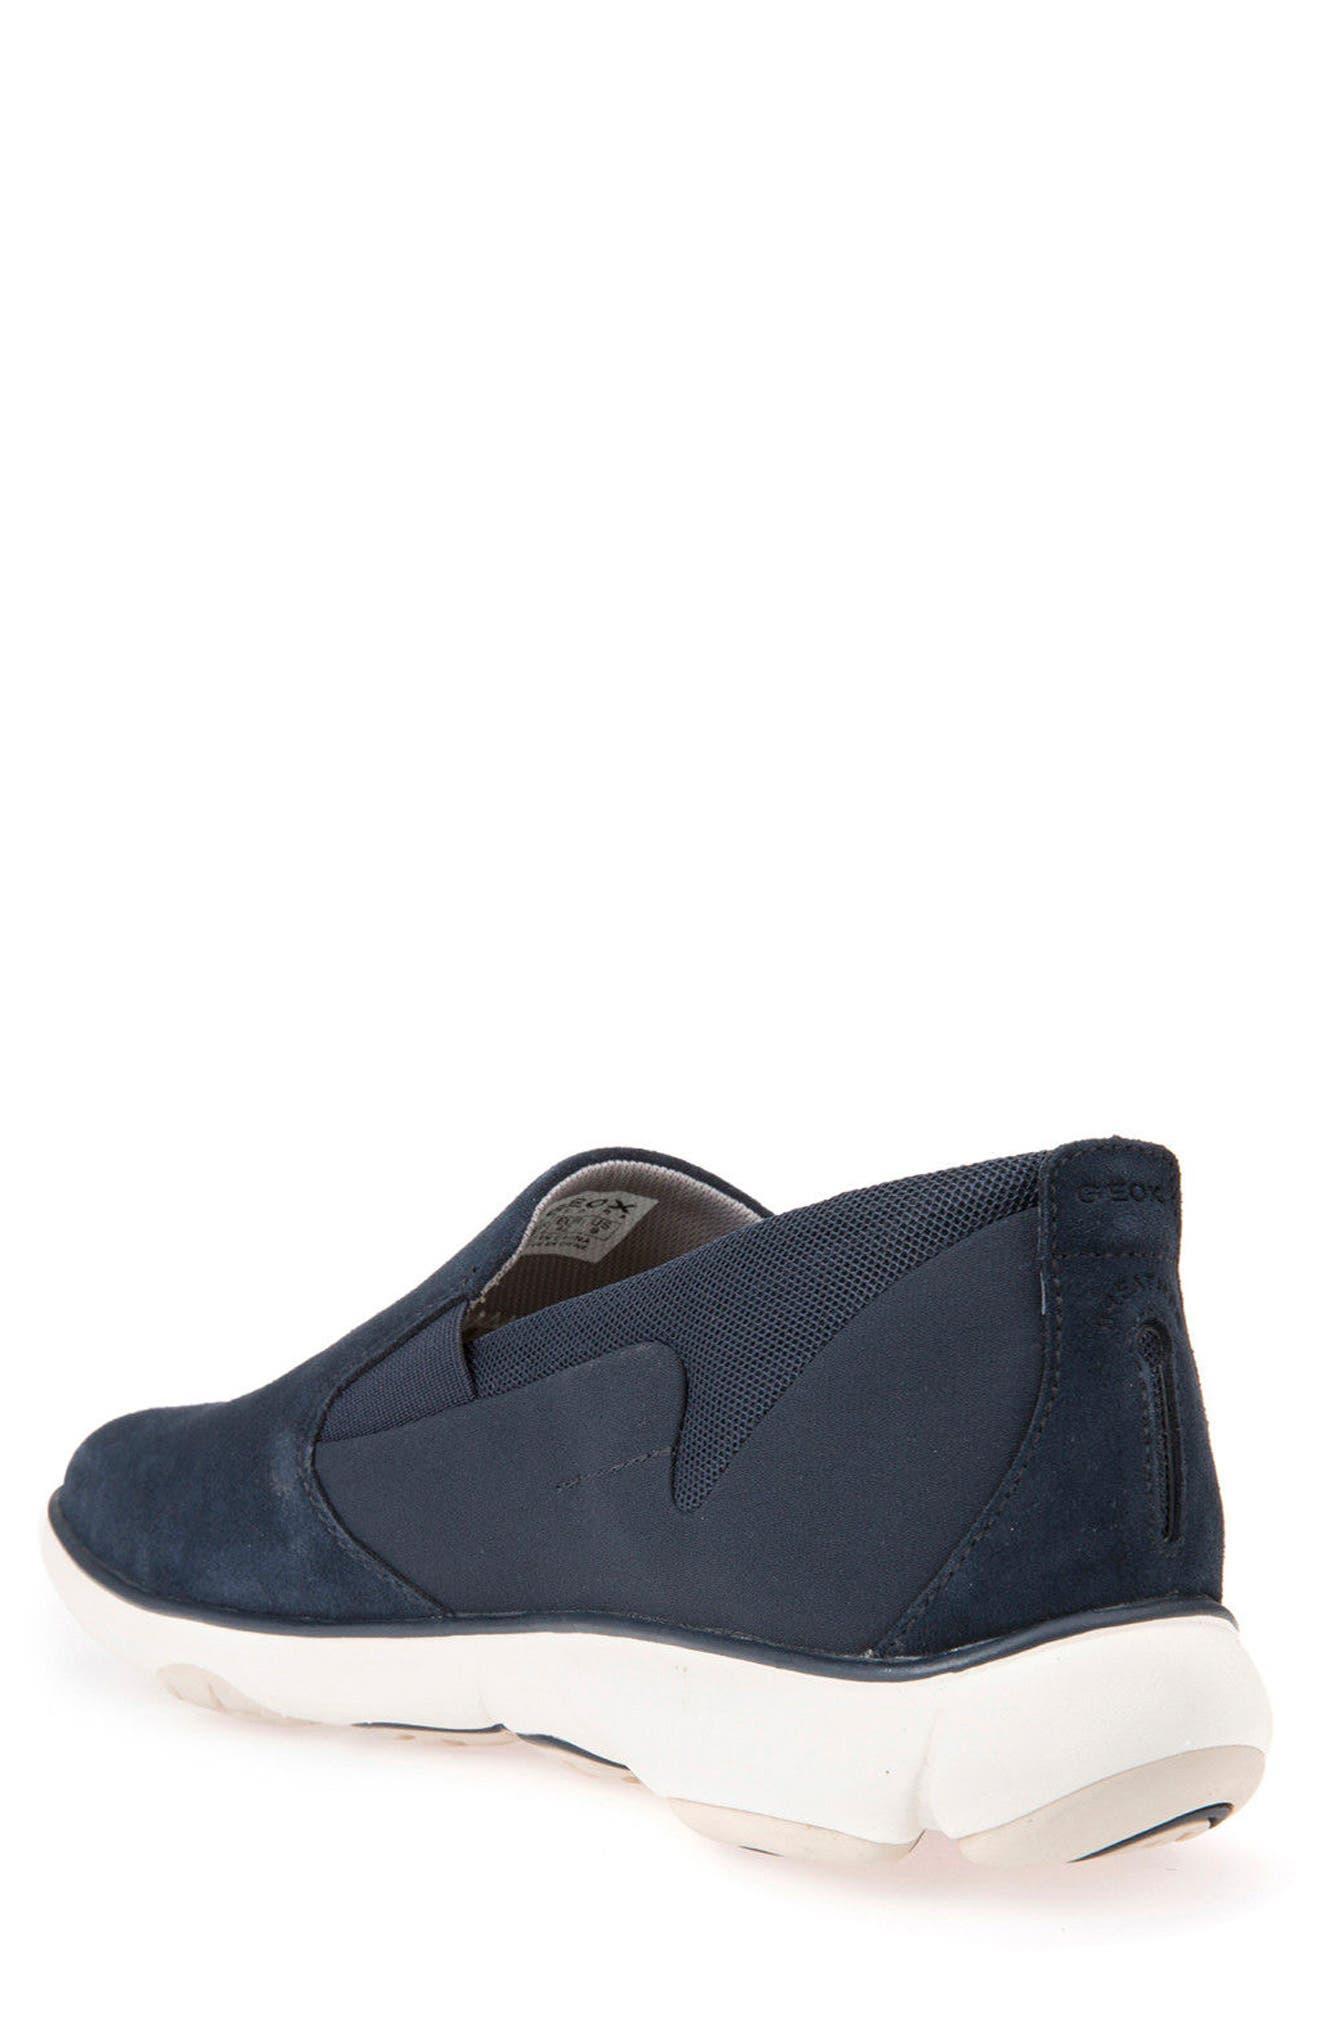 Nebula 44 Slip-On Sneaker,                             Alternate thumbnail 2, color,                             Navy